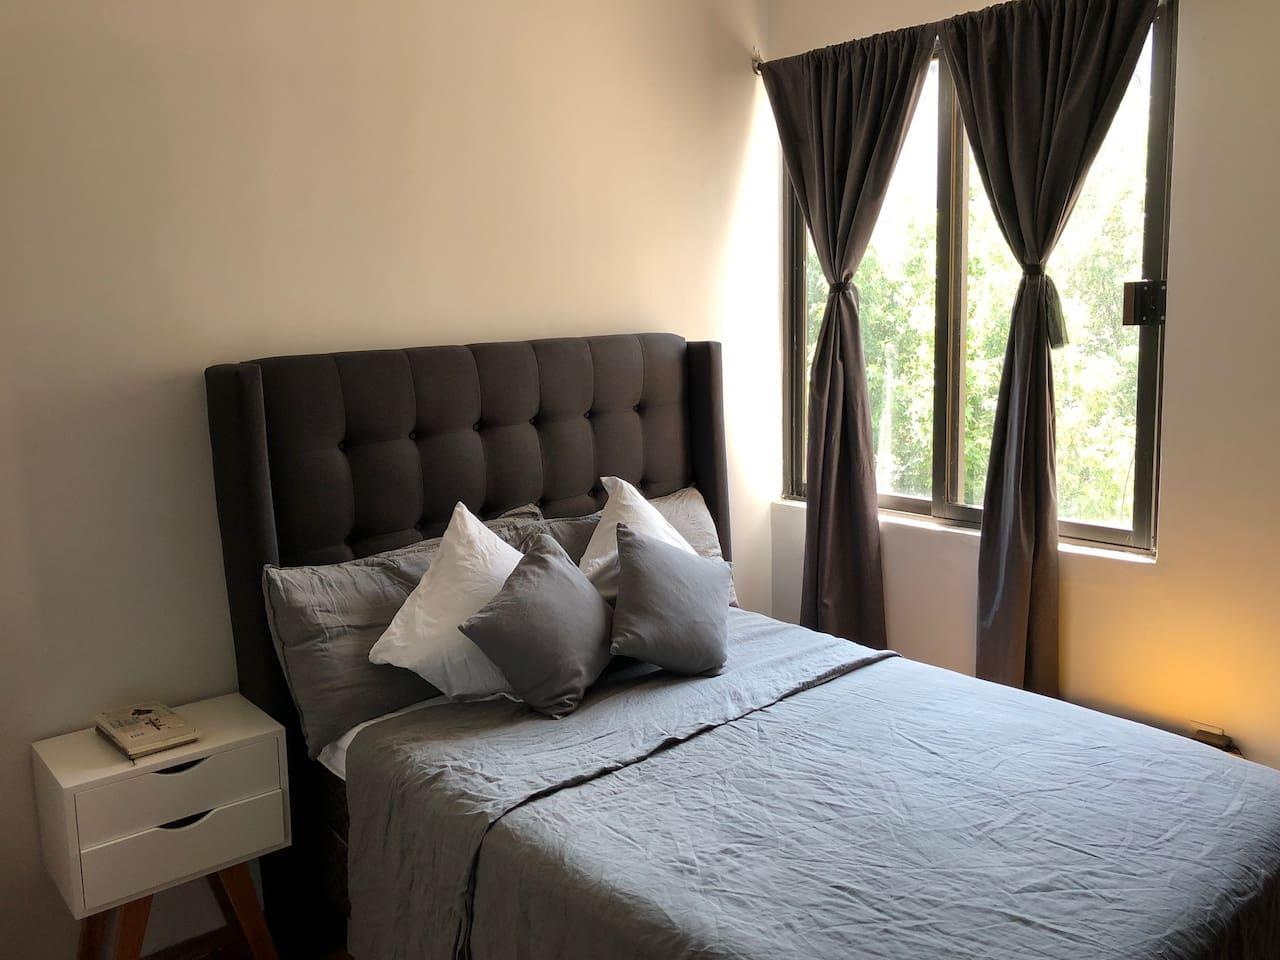 Disfruta de una cómoda, limpia y silenciosa habitación muy cerca del Ángel de la Independencia en la Ciudad de México.